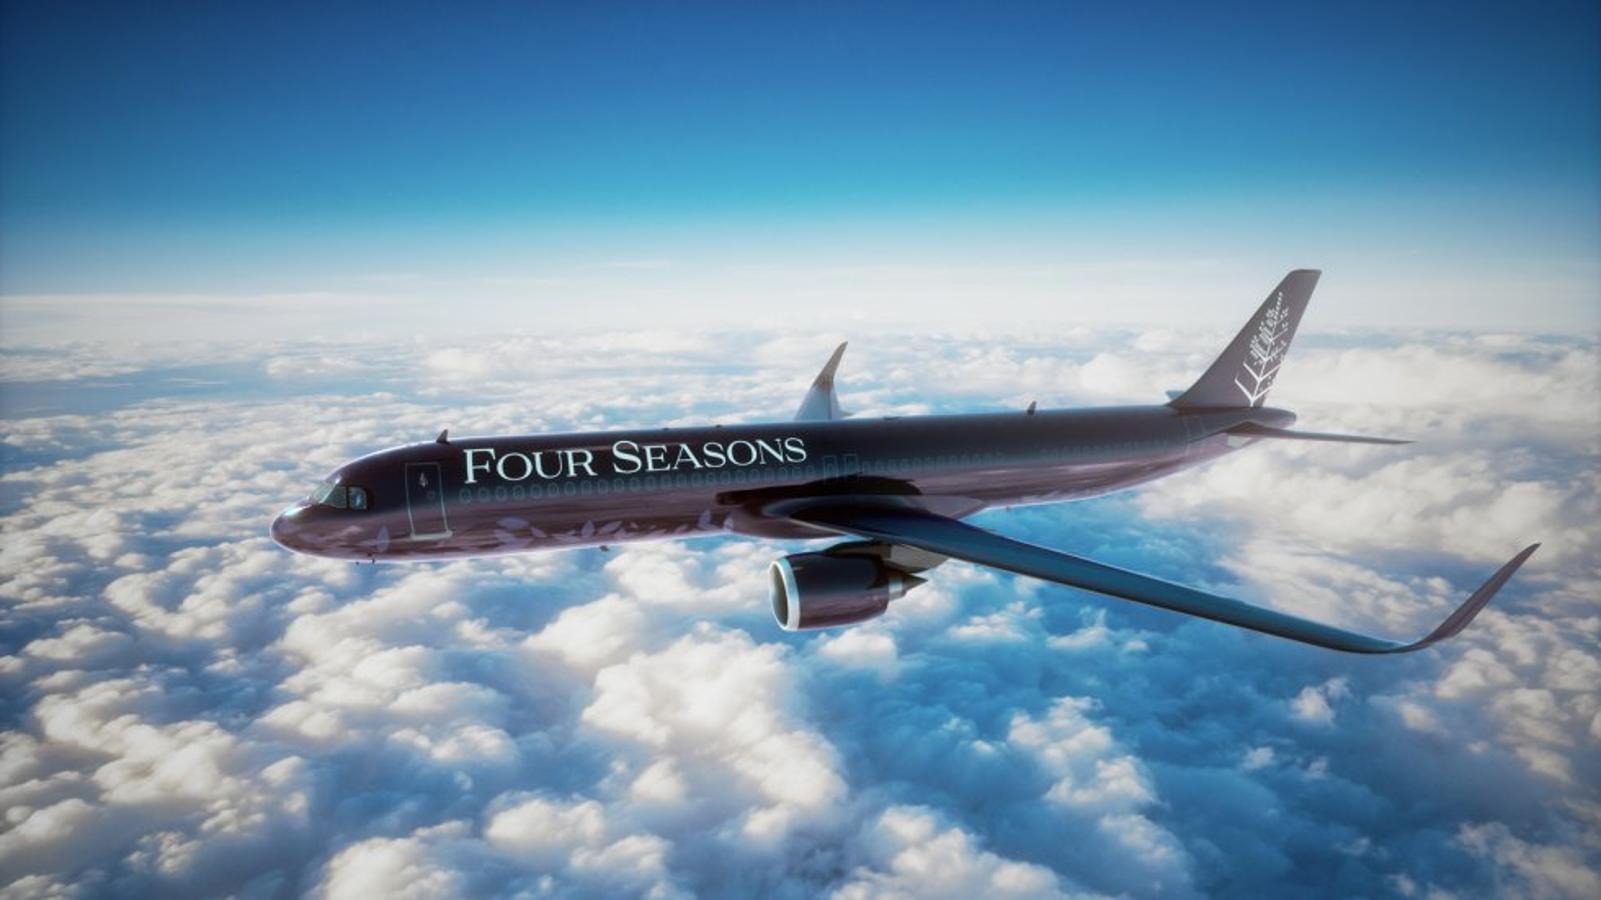 Avión Four Seasons